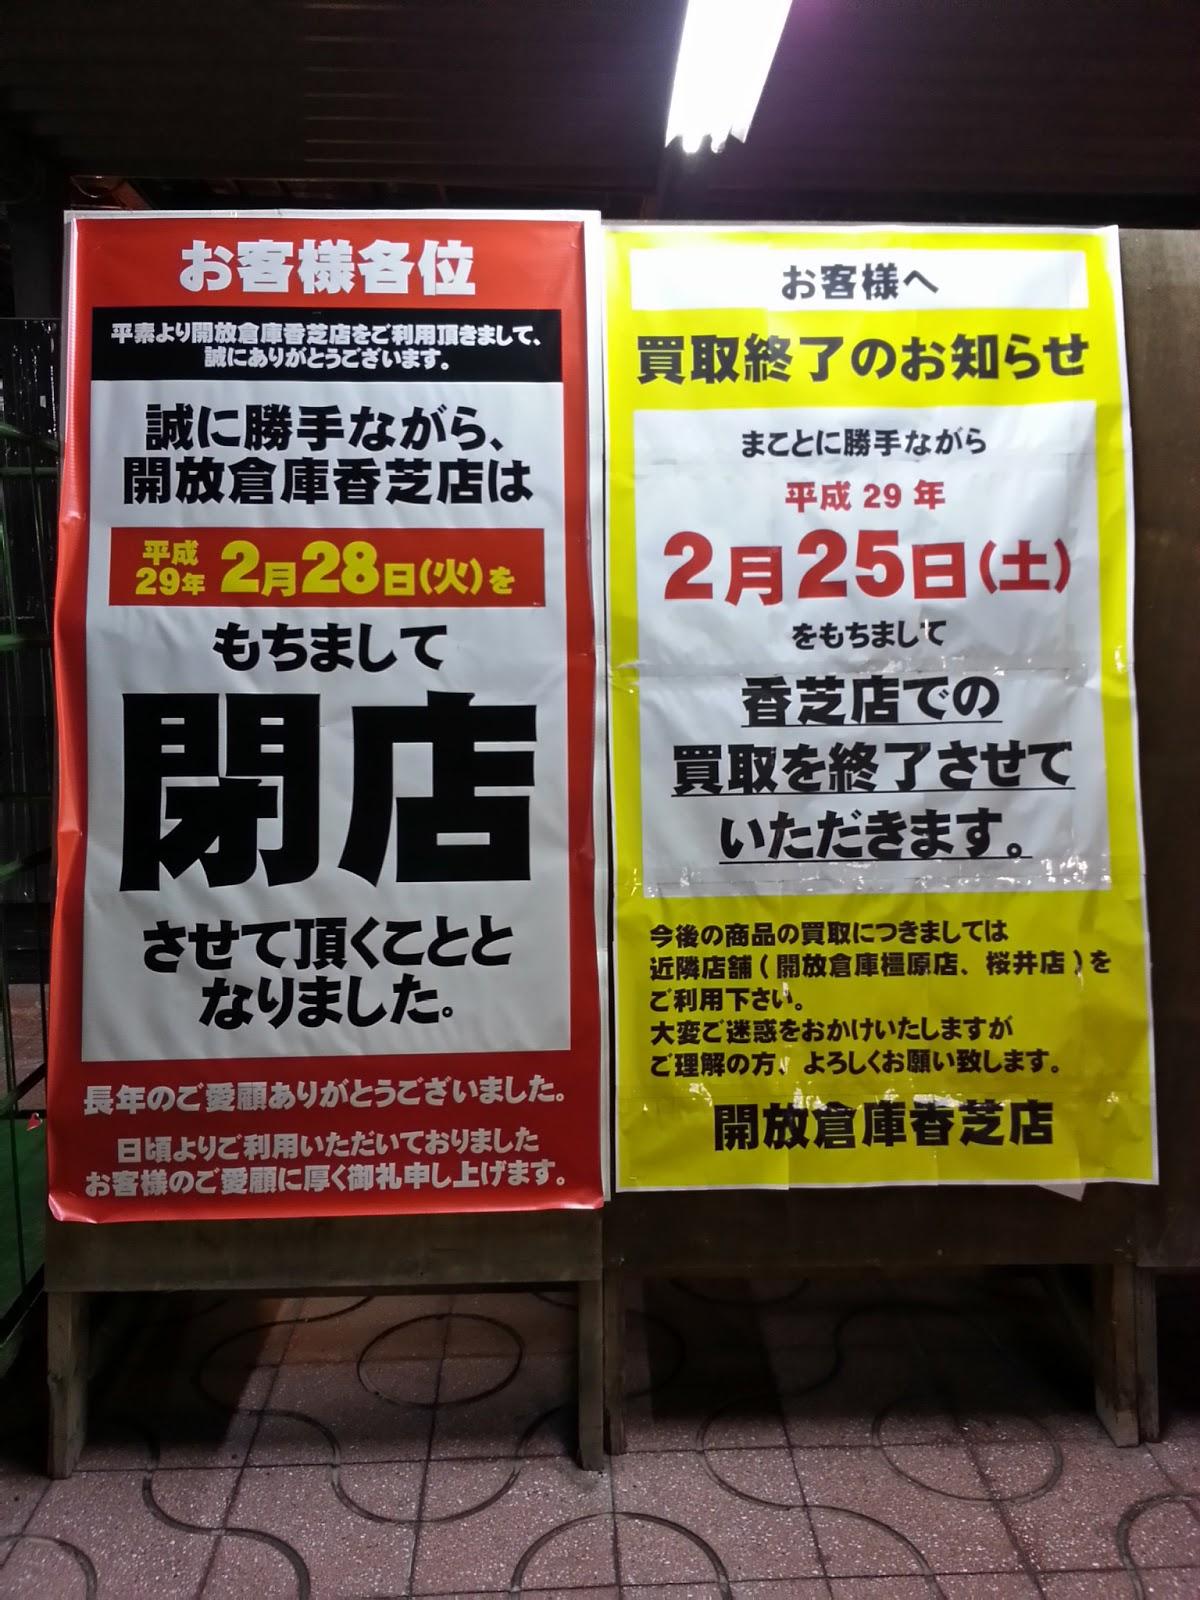 倉庫 桜井 店 開放